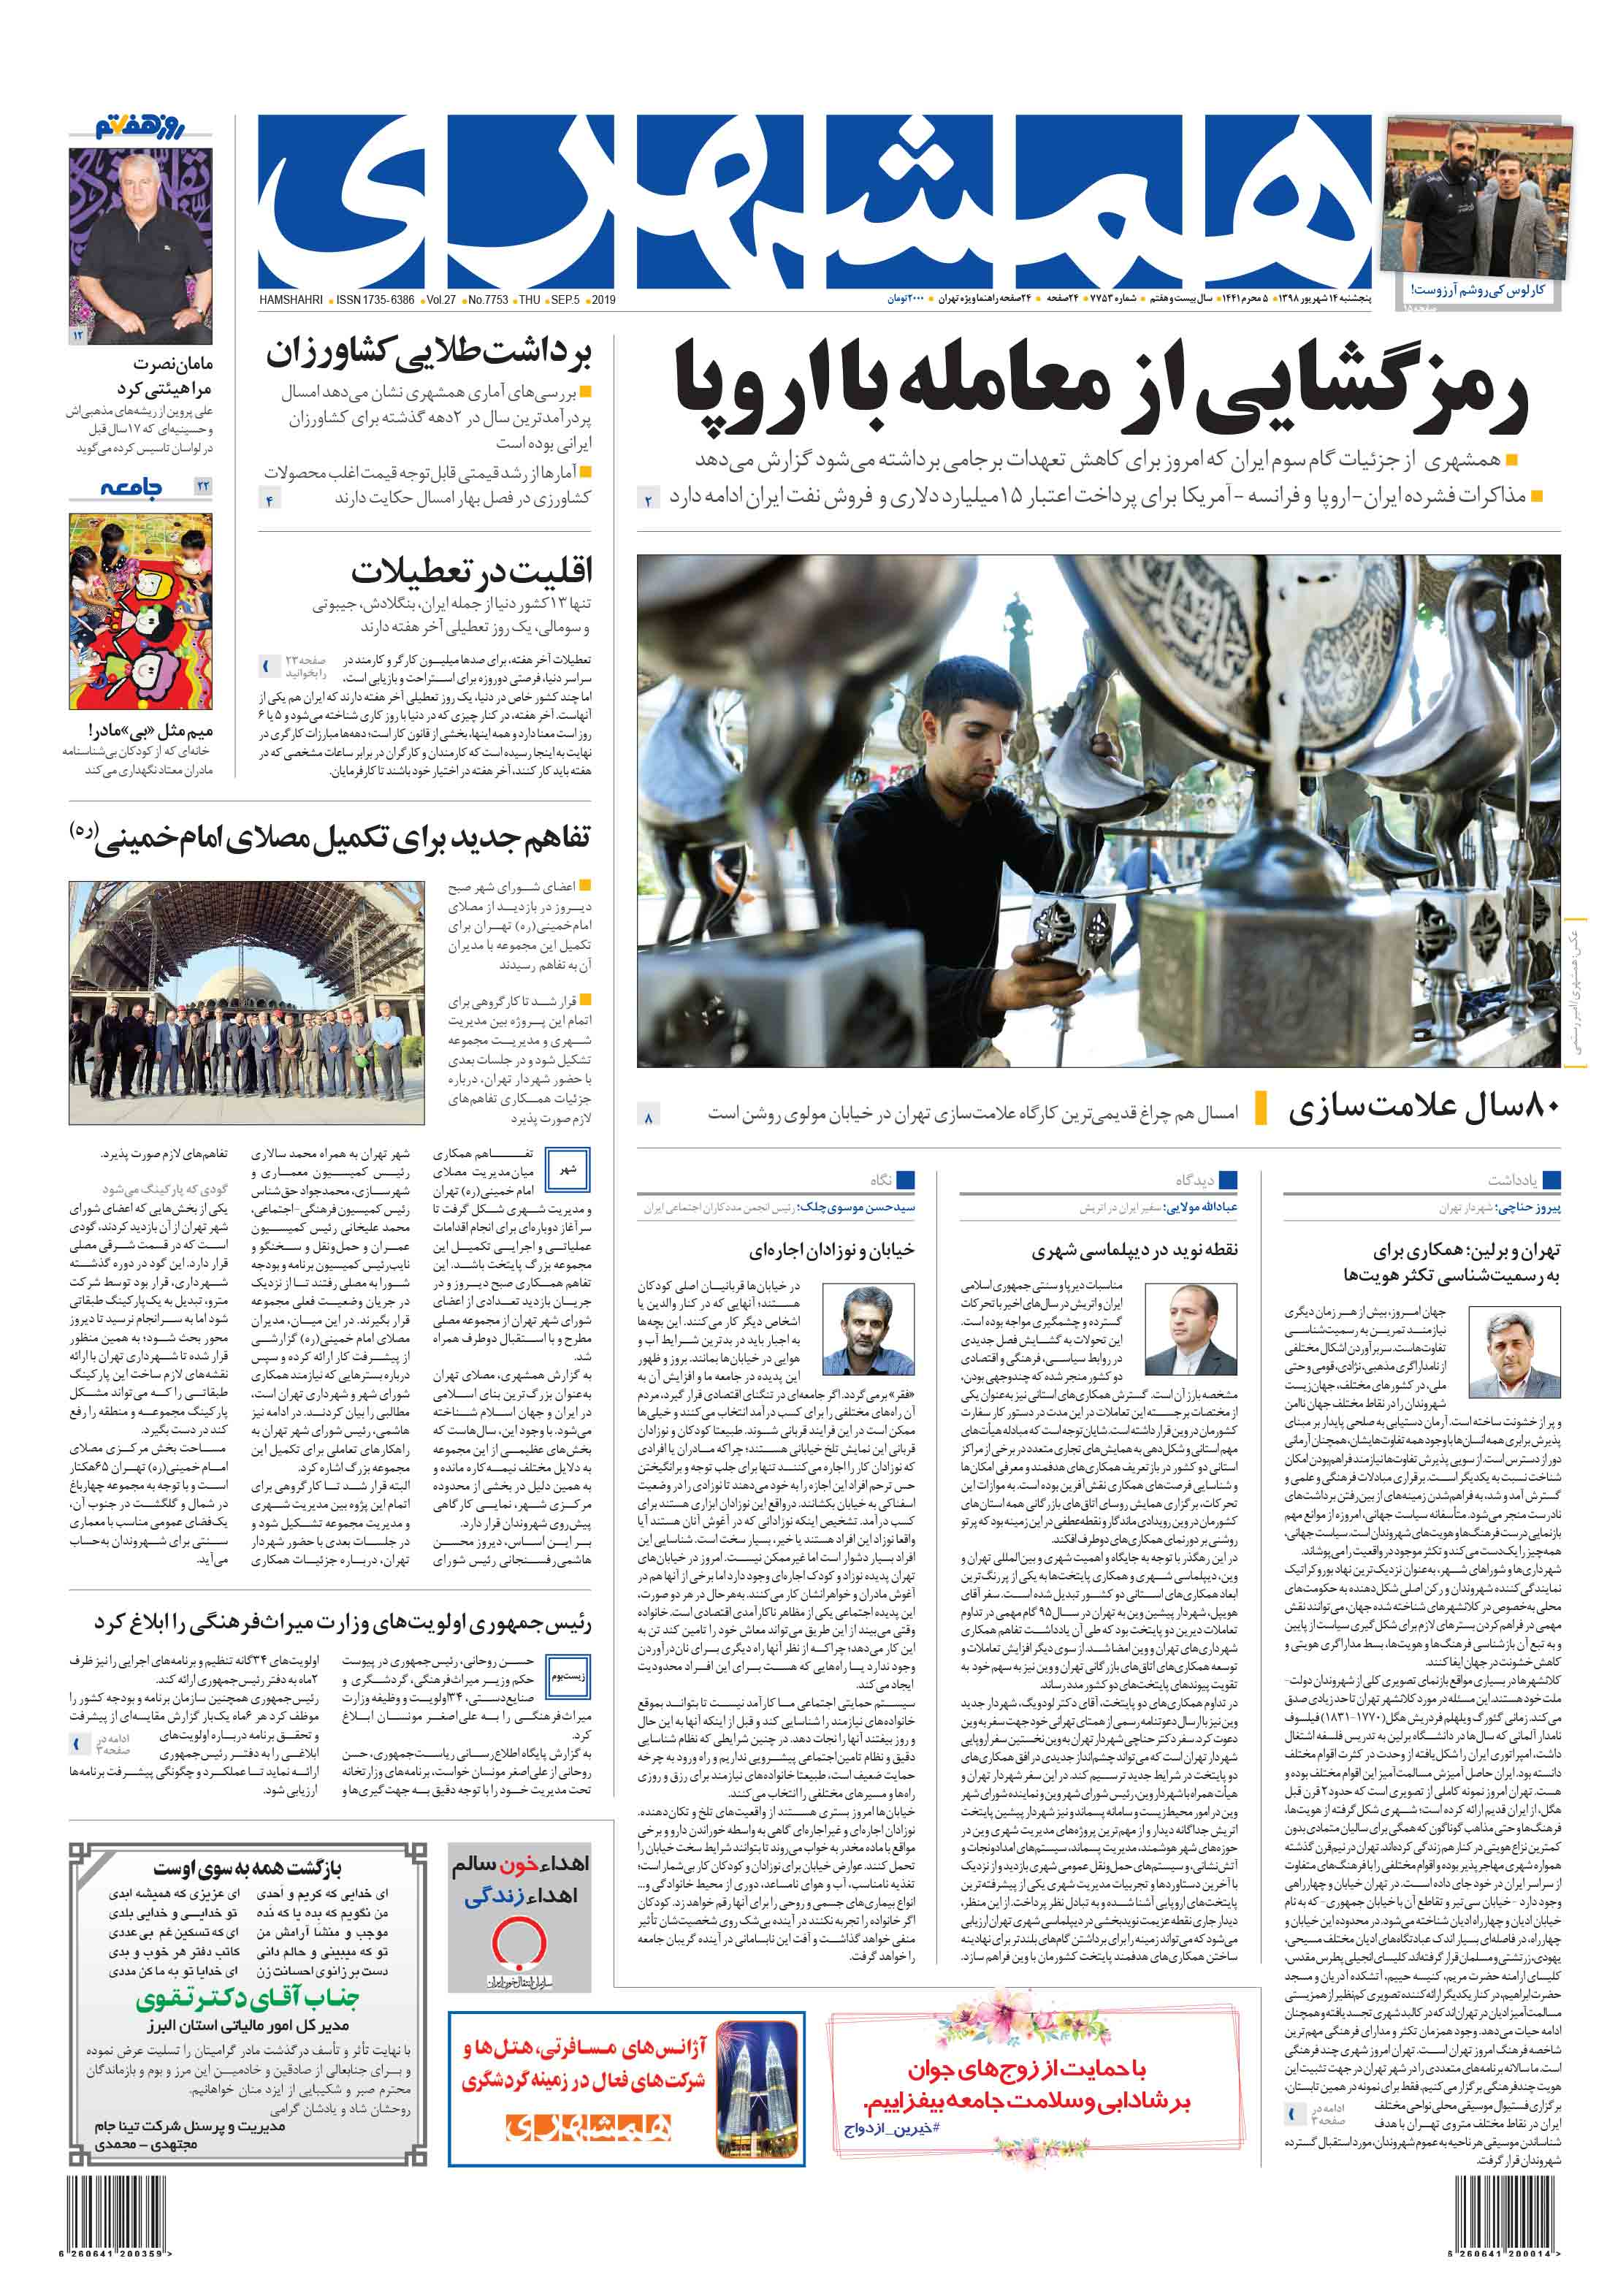 صفحه اول پنجشنبه 14 شهریور 1398